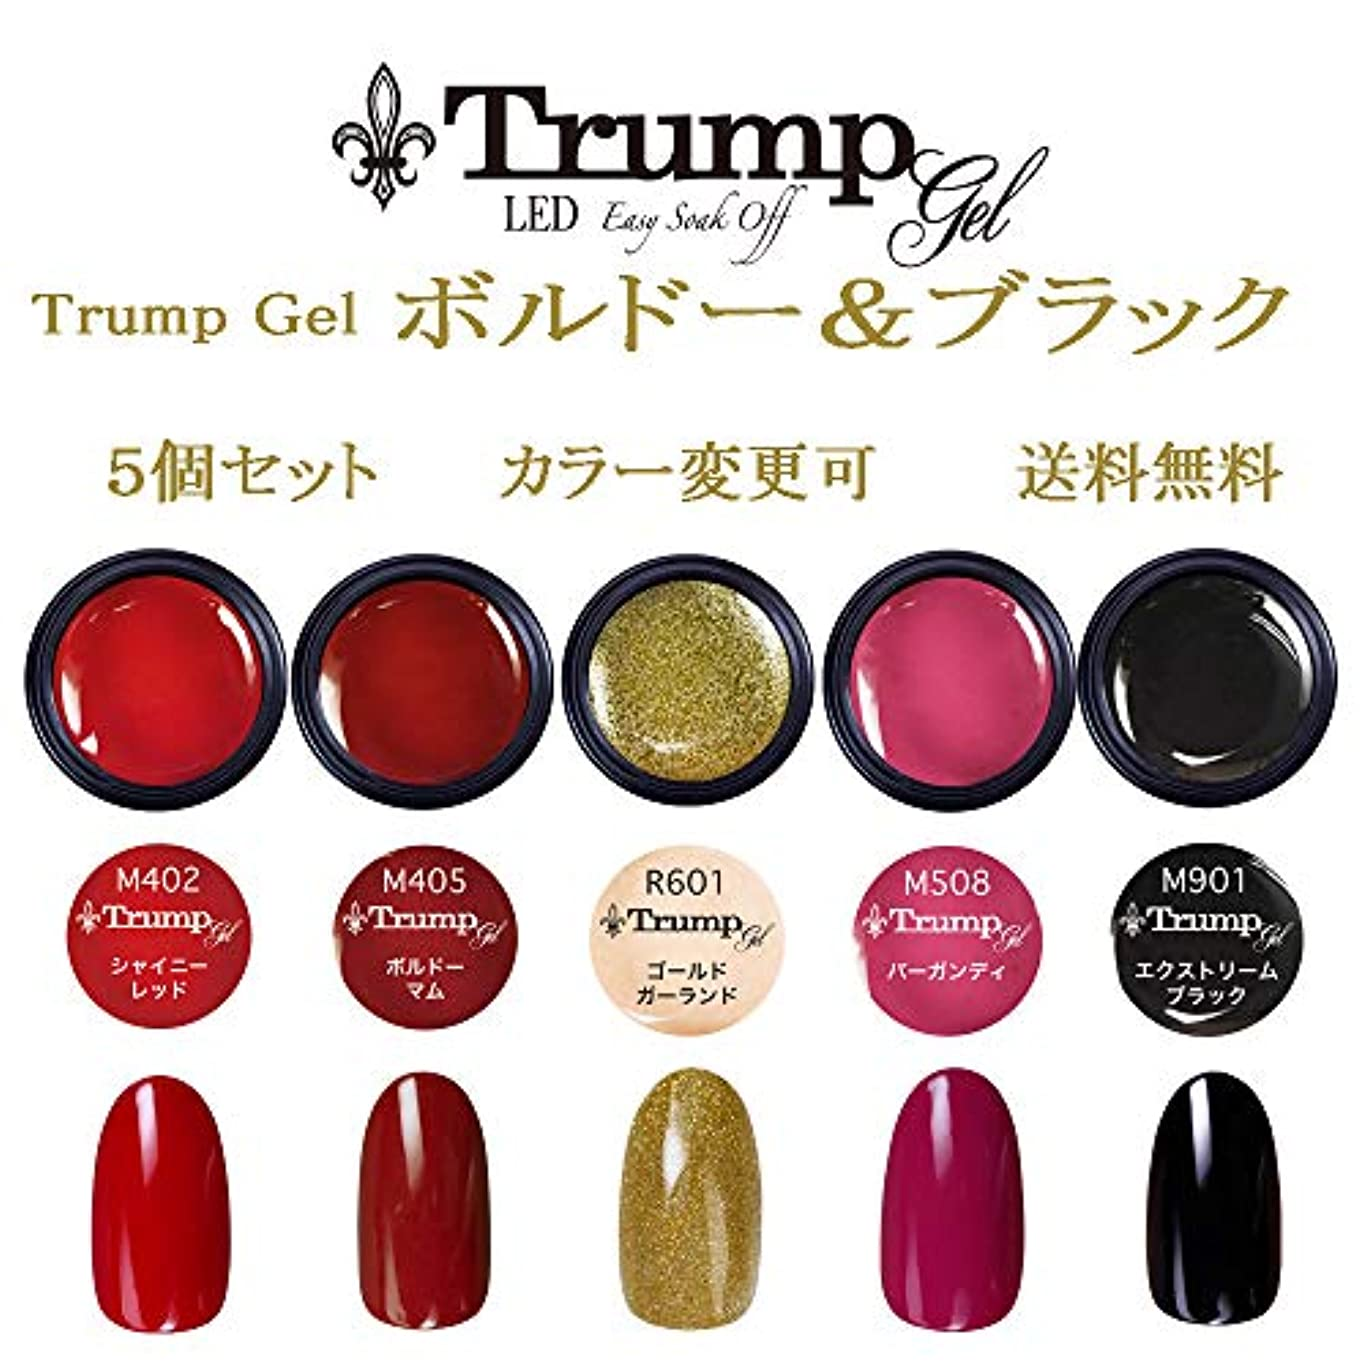 エスニック曲がった衝動日本製 Trump gel トランプジェル ボルドー & ブラック ネイル 選べる カラージェル 5個セット ワイン ボルドー ゴールド パープル ブラック